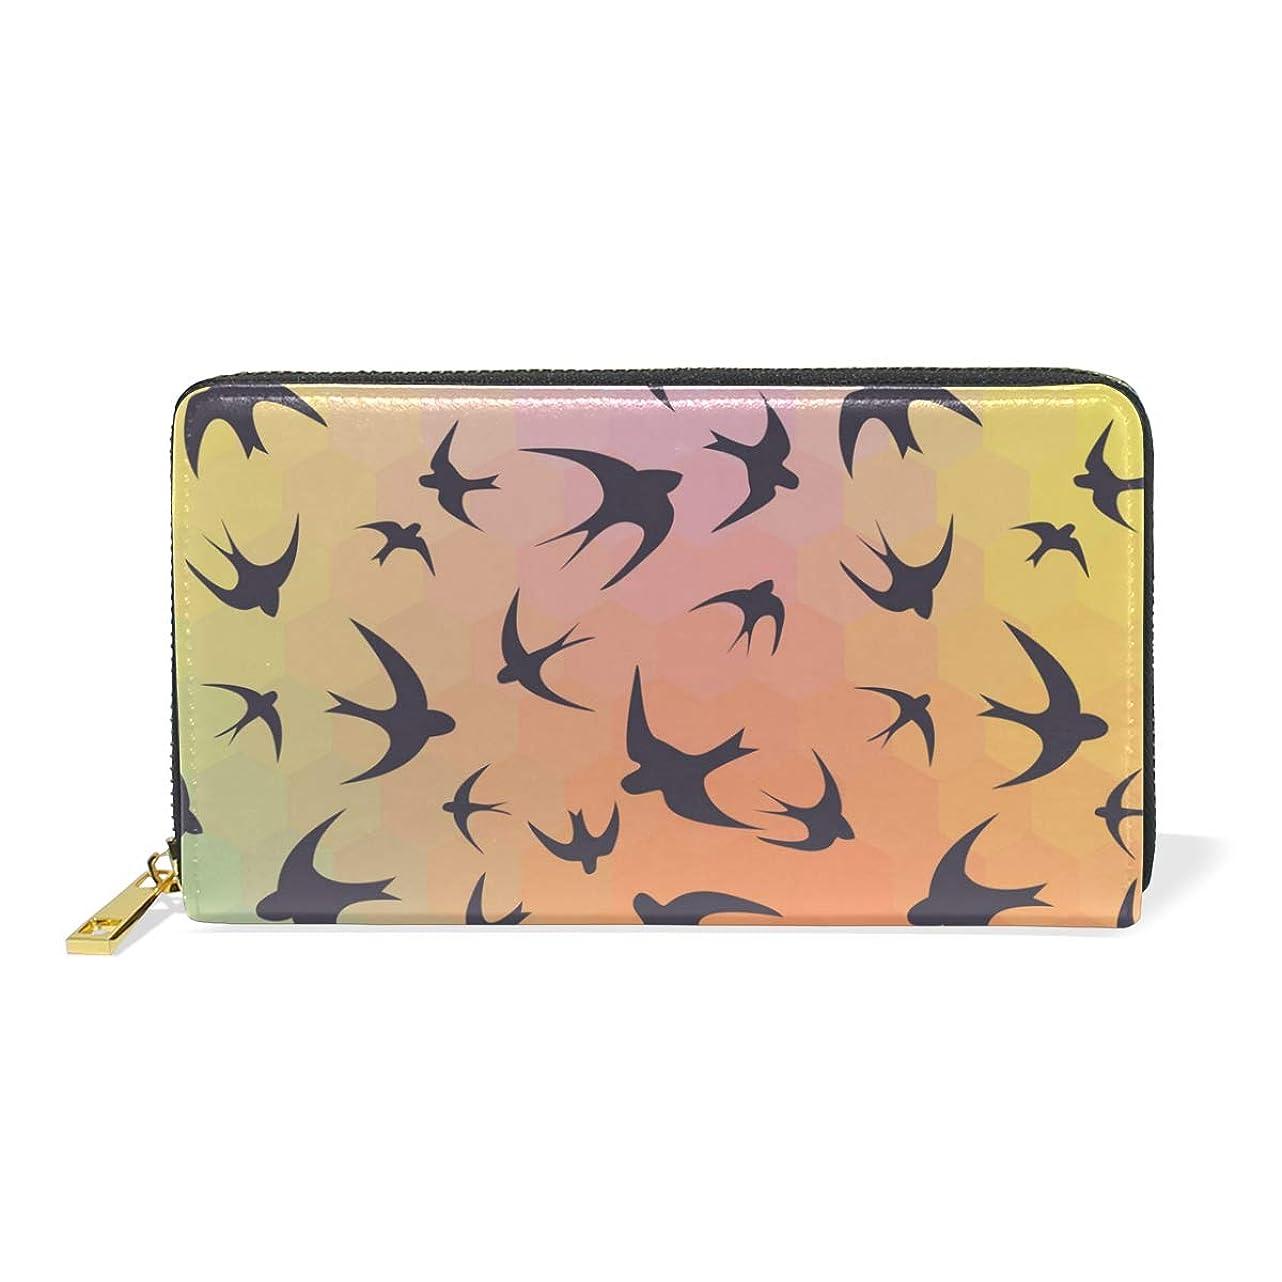 言い直す酸っぱいひもマキク(MAKIKU) 長財布 レディース 大容量 ツバメ 鳥柄 虹色 レザー 革 プレゼント対応